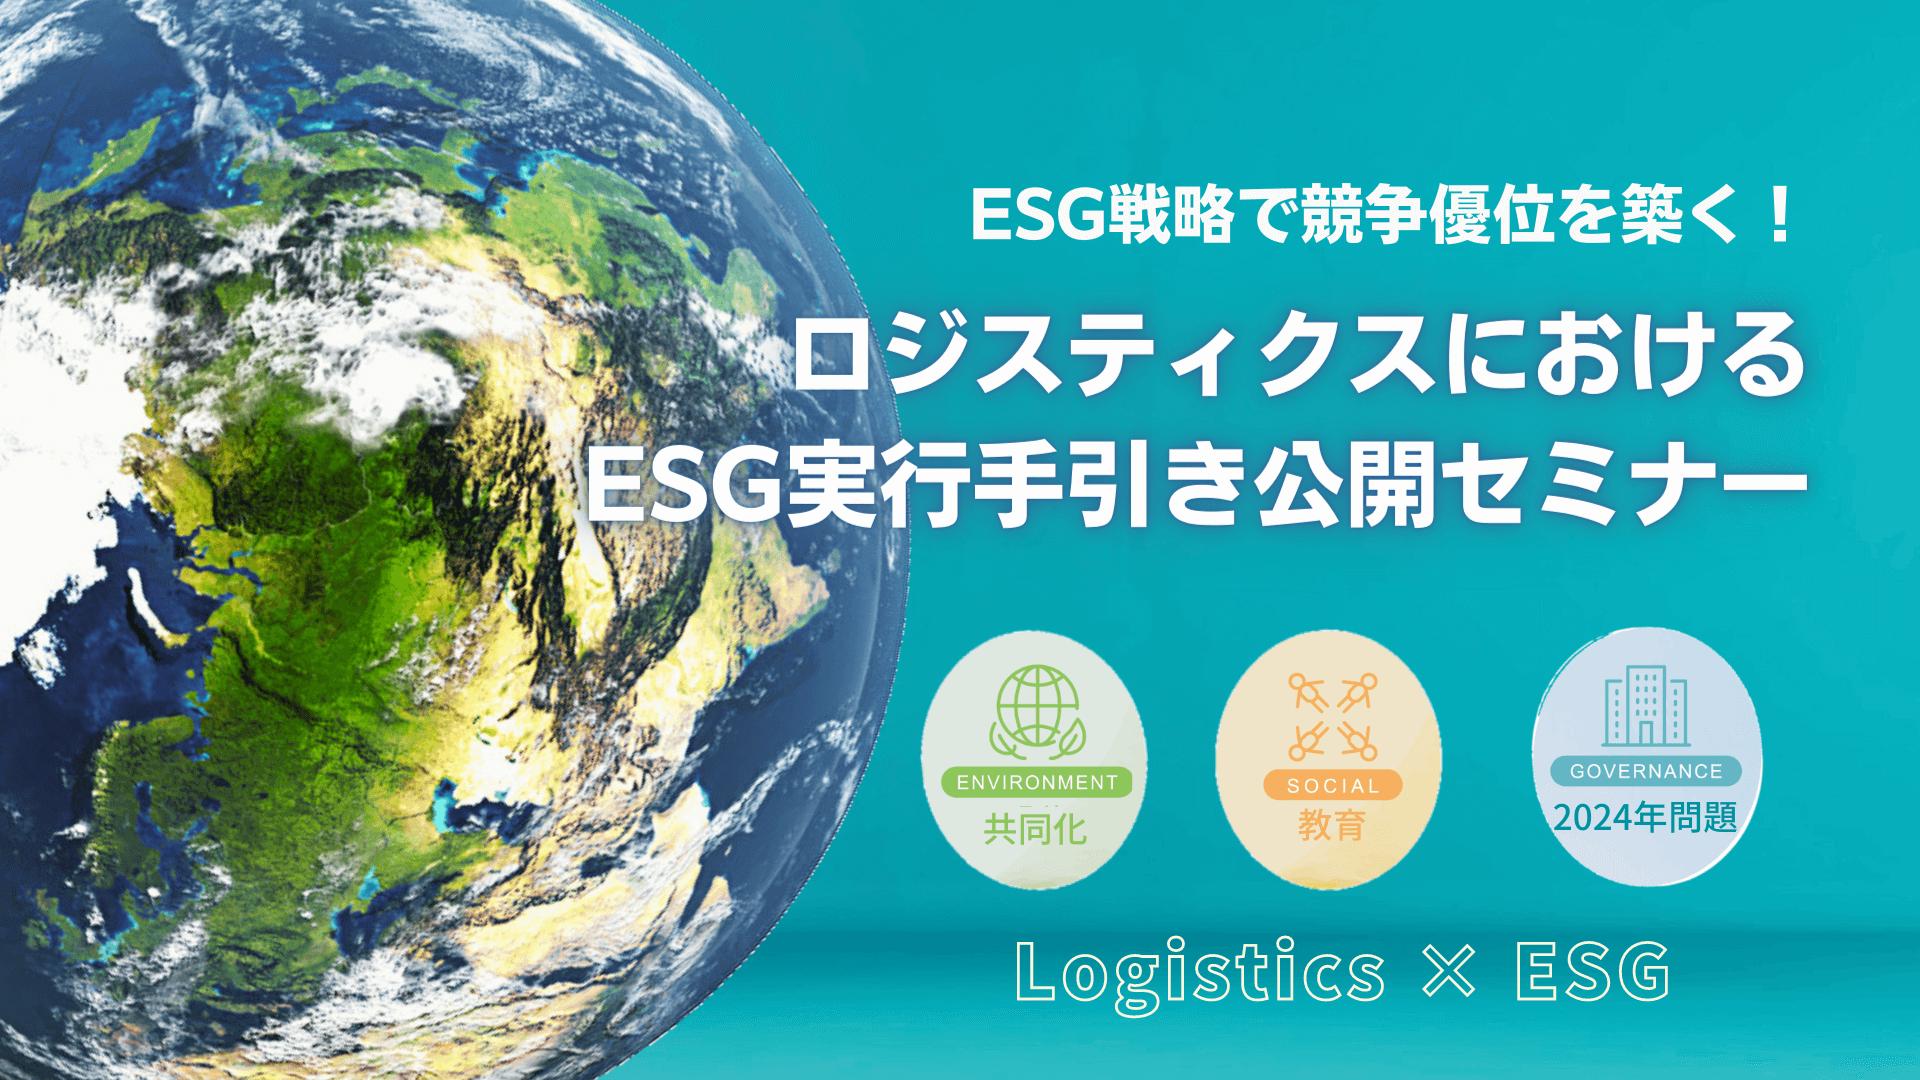 ロジスティクスにおけるESG実行の手引き公開セミナー